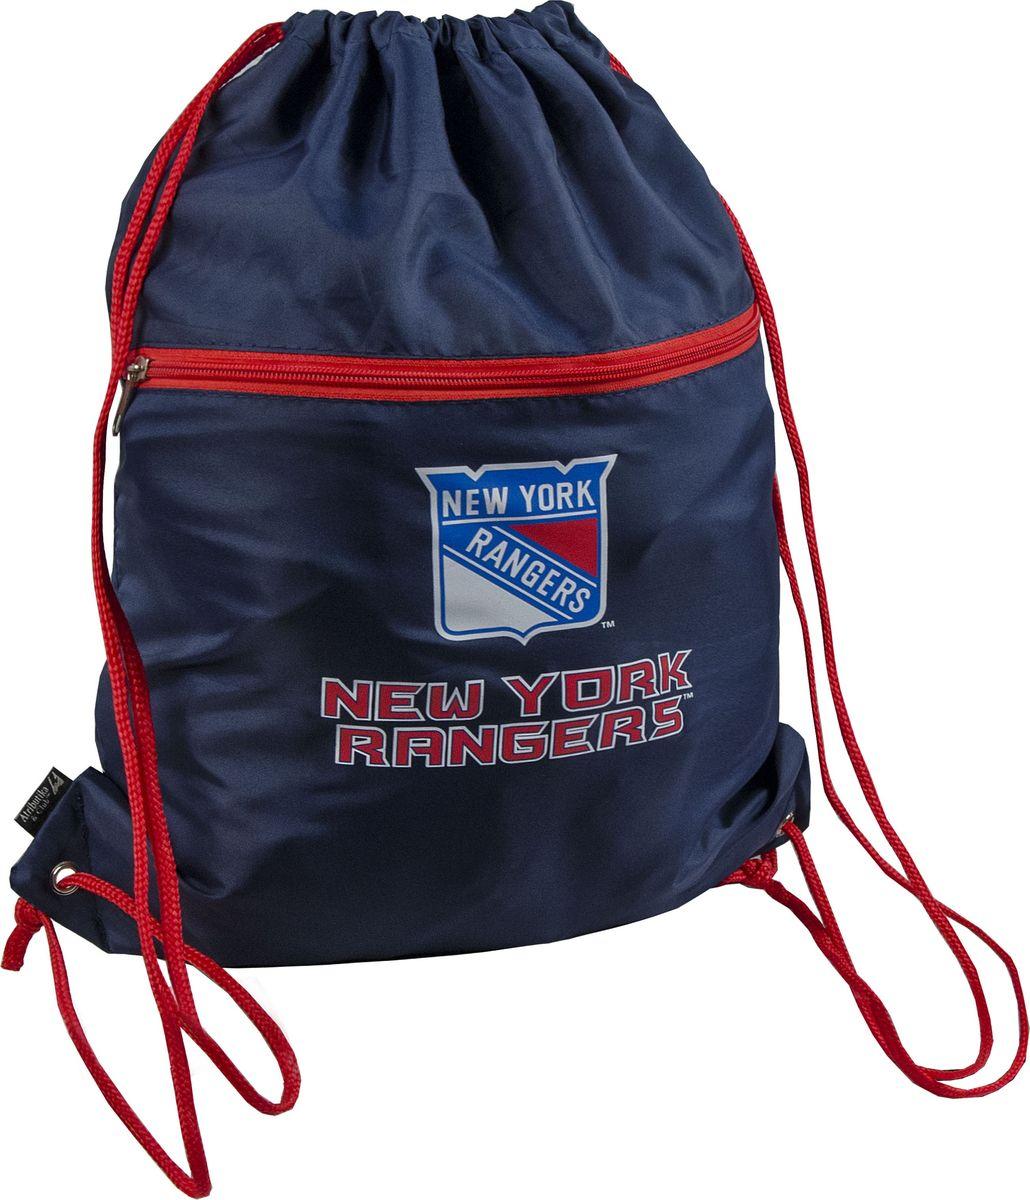 Мешок универсальный Atributika & Club New York Rangers, цвет: синий, красный, 20 л. 5802658012Мешок Atributika & Club выполнен из 100% полиэстера. Он выполняет функции рюкзака, благодаря плечевым лямкам, которые надежно фиксируют изделие у его верхнего основания. Мешок с вышитым логотипом клуба отлично подойдет для сменной обуви или для прочих аксессуаров. Мешок имеет 2 отделения, одно из которых закрывается на молнию.